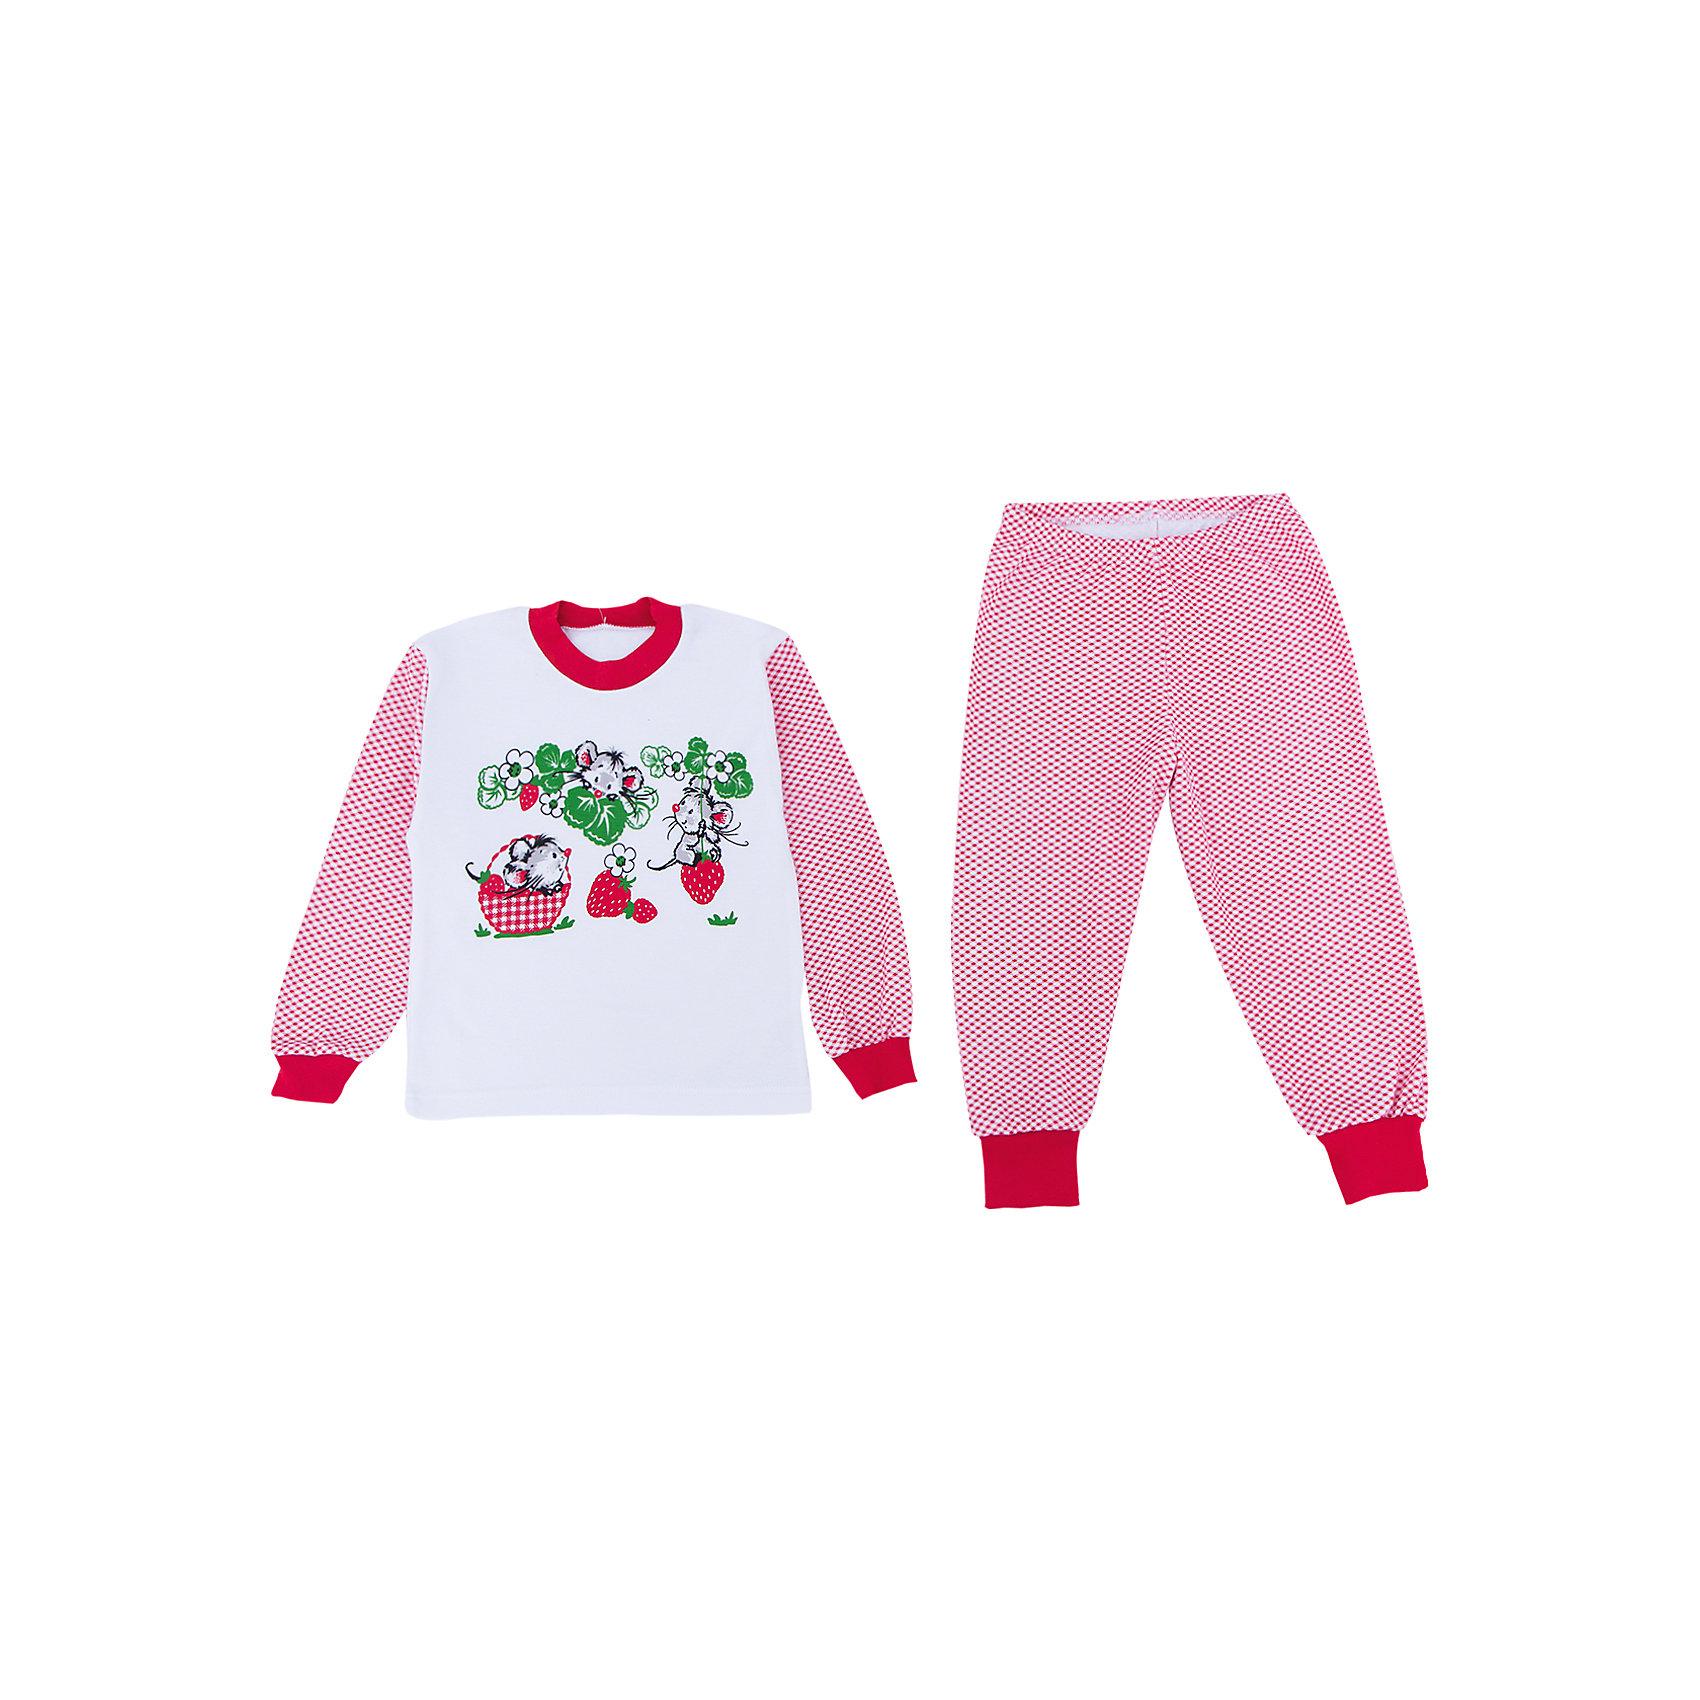 Пижама для девочки АпрельПижамы и сорочки<br>Пижама Апрель.<br><br>Характеристики:<br>• материал: хлопок<br>• цвет: белый<br><br>Яркая пижама от популярной марки Апрель выполнена из мягкого хлопка, приятного телу, что ребенок сможет оценить во время сна. Манжеты не позволят холодному воздуху проникнуть под одежду. Модель украшена ярким рисунком с мышками. В такой пижаме ваш ребенок увидит самые приятные и яркие сны!<br><br>Купить пижаму Апрель можно в нашем интернет-магазине.<br><br>Ширина мм: 281<br>Глубина мм: 70<br>Высота мм: 188<br>Вес г: 295<br>Цвет: красный/белый<br>Возраст от месяцев: 18<br>Возраст до месяцев: 24<br>Пол: Женский<br>Возраст: Детский<br>Размер: 92,116,98,104,110<br>SKU: 4936833